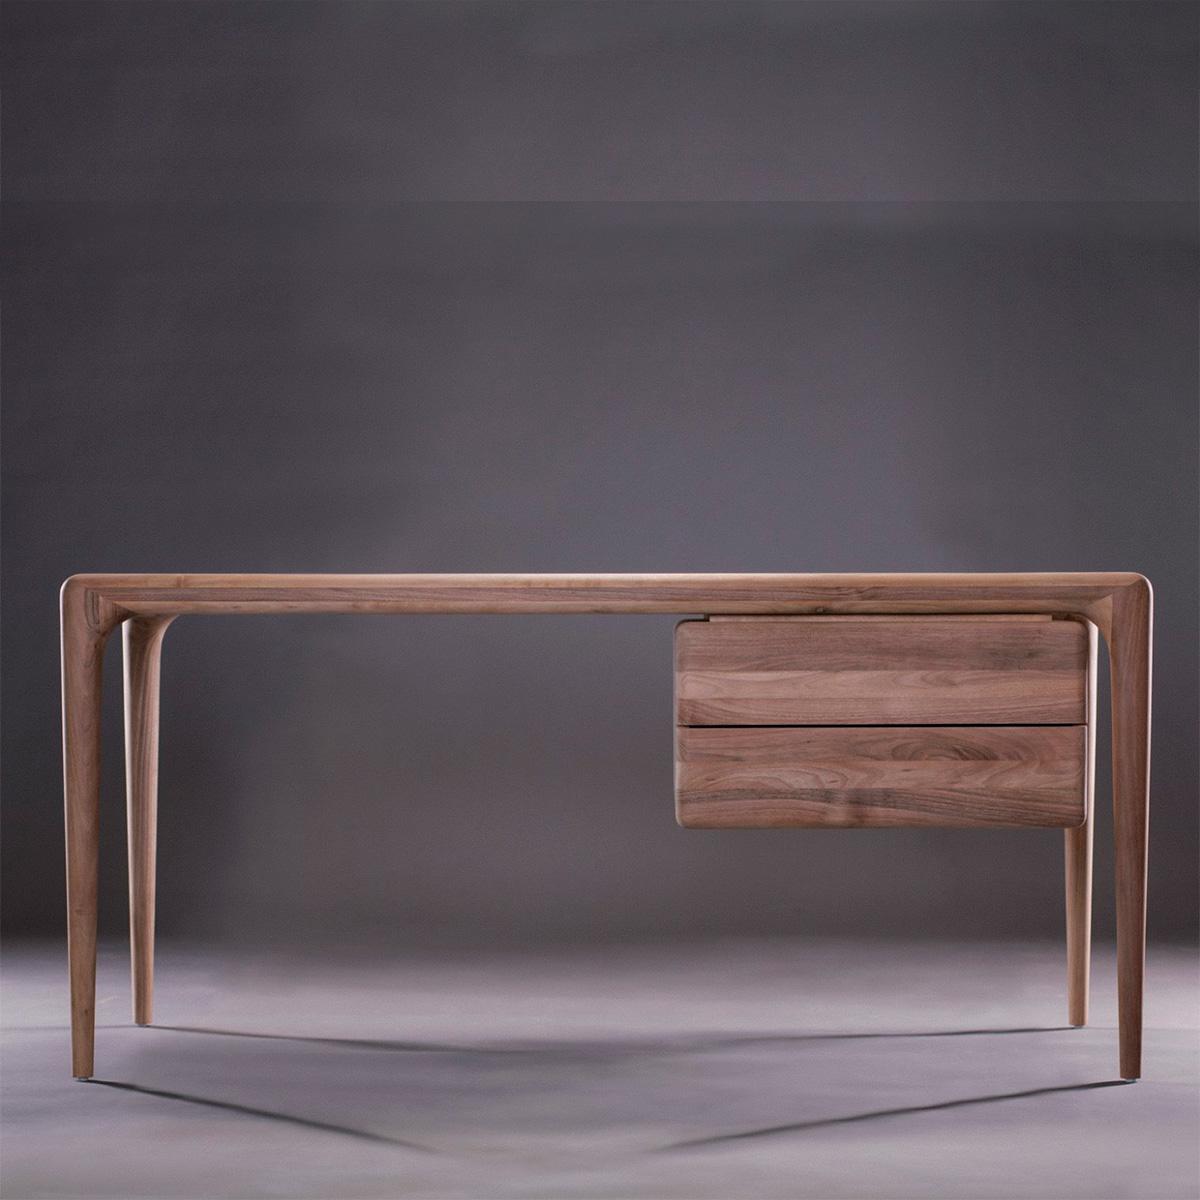 Escritorio de Trabajo Latus, diseño elegante y original en madera, de producción artesanal